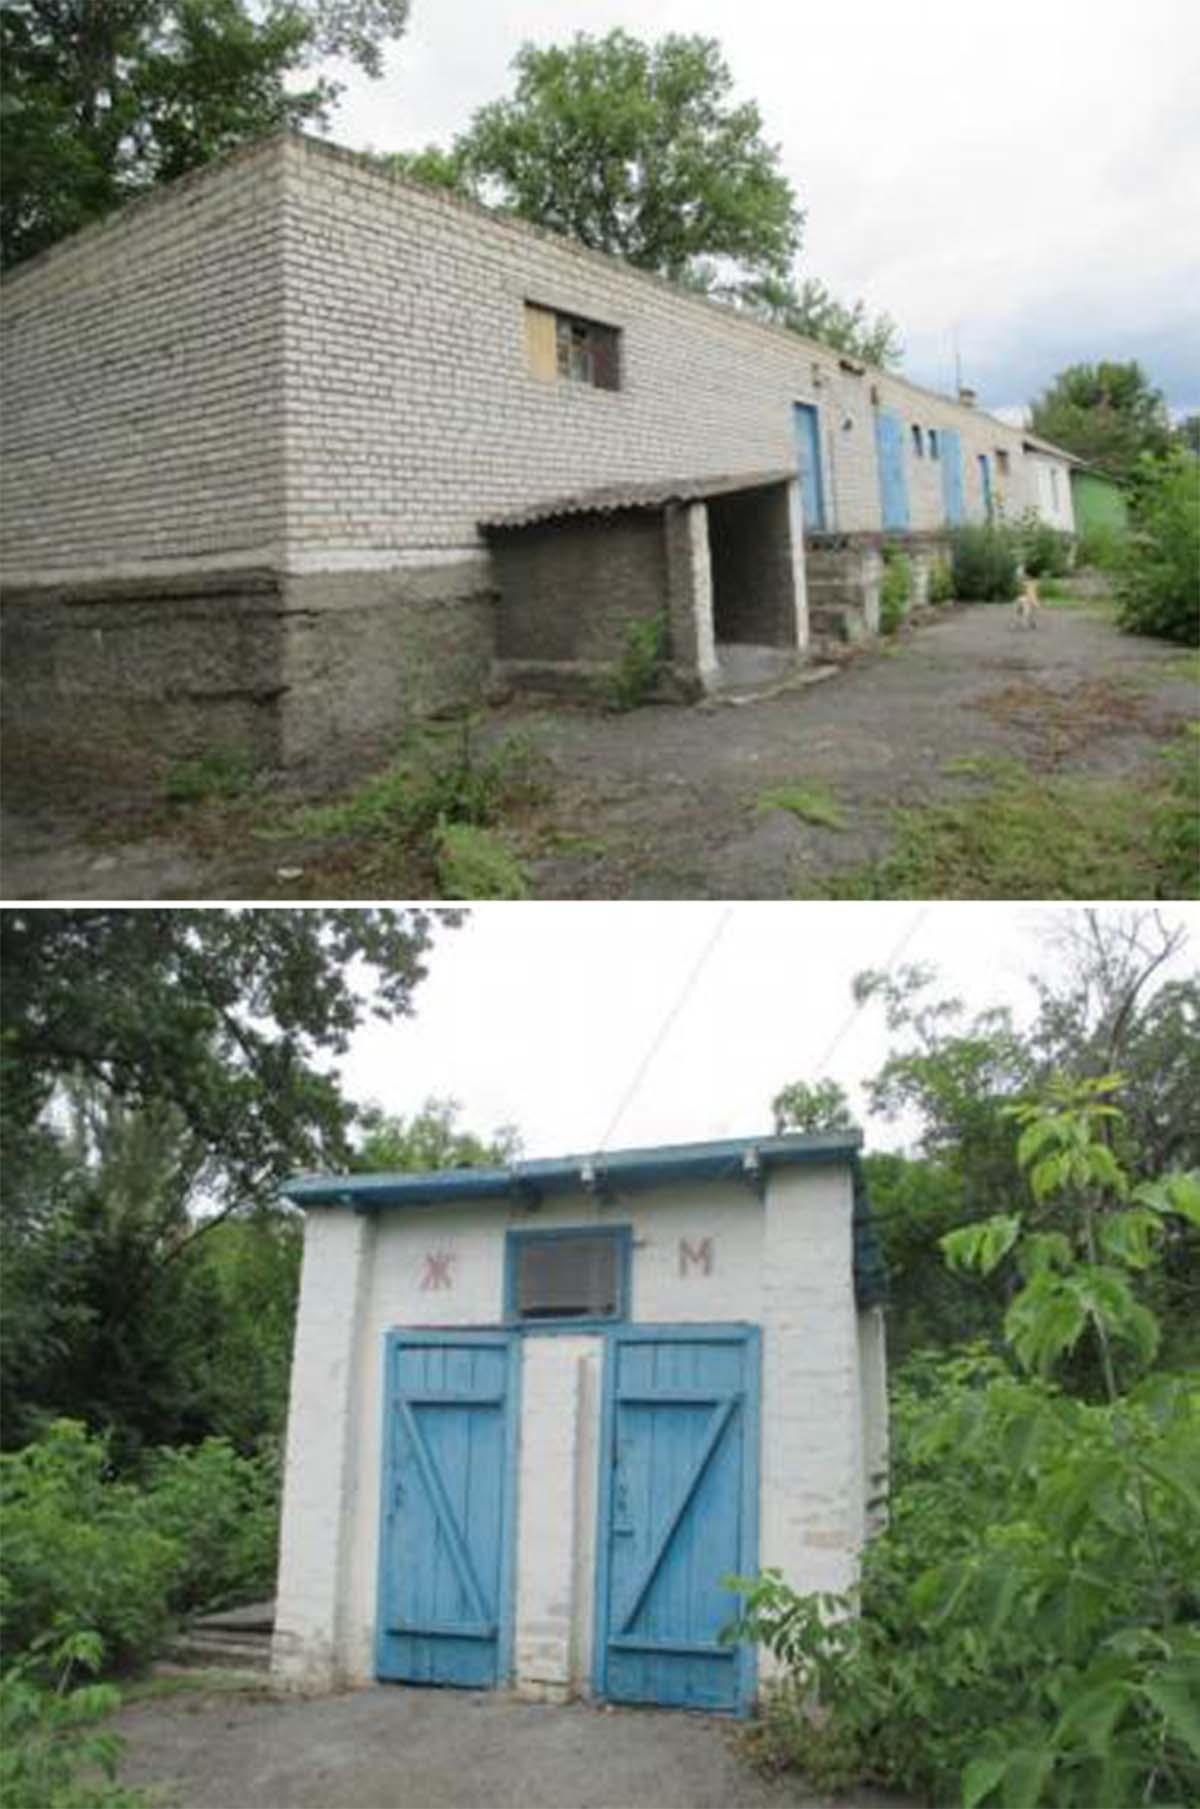 Коттедж с бассейном, памятник Дзержинскому, детский лагерь. Что вы можете купить у РЖД